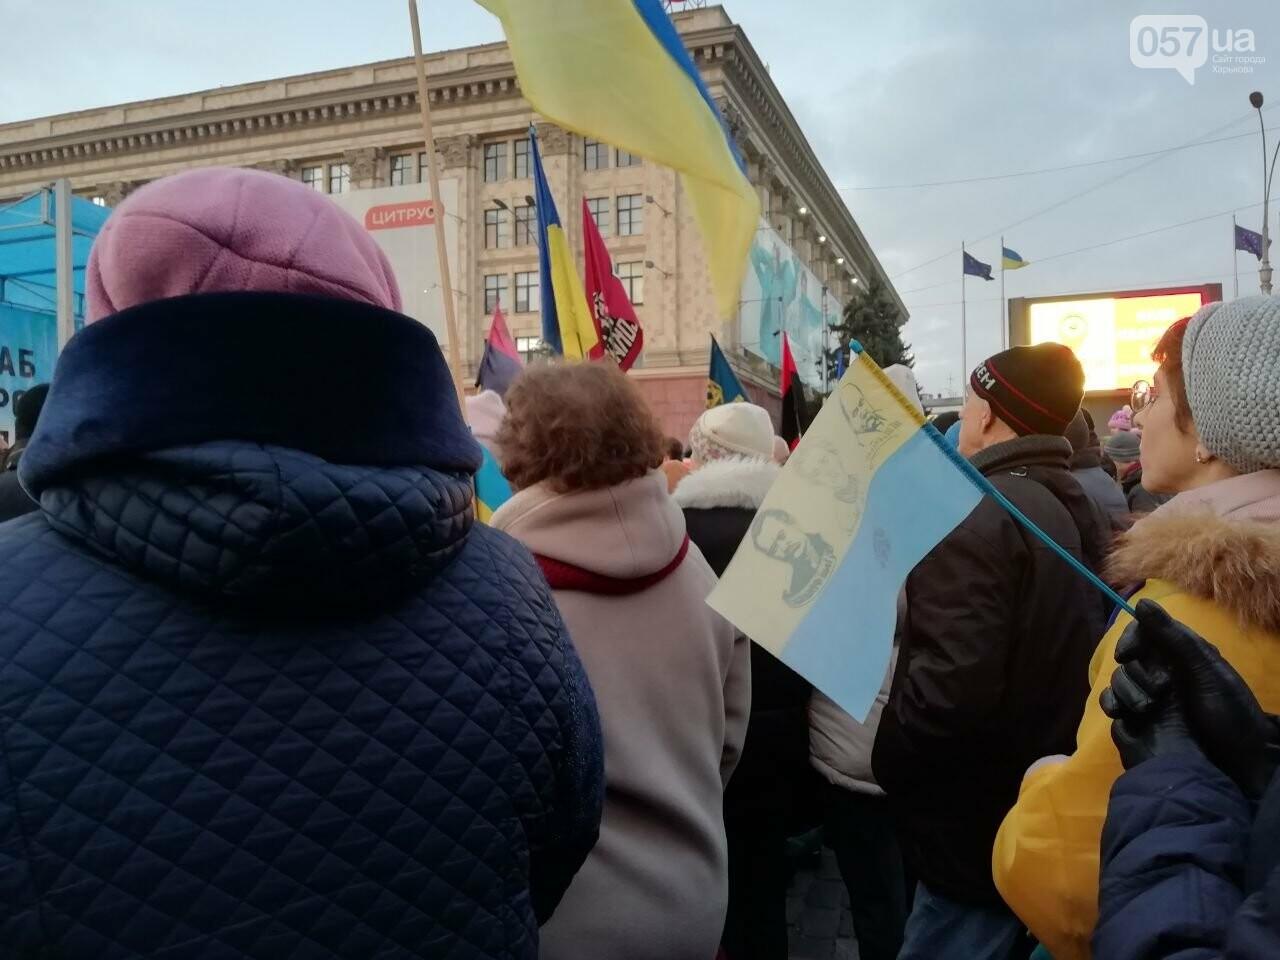 «Никаких уступок Путину»: на площади Свободы прошло народное вече, - ФОТО, фото-1